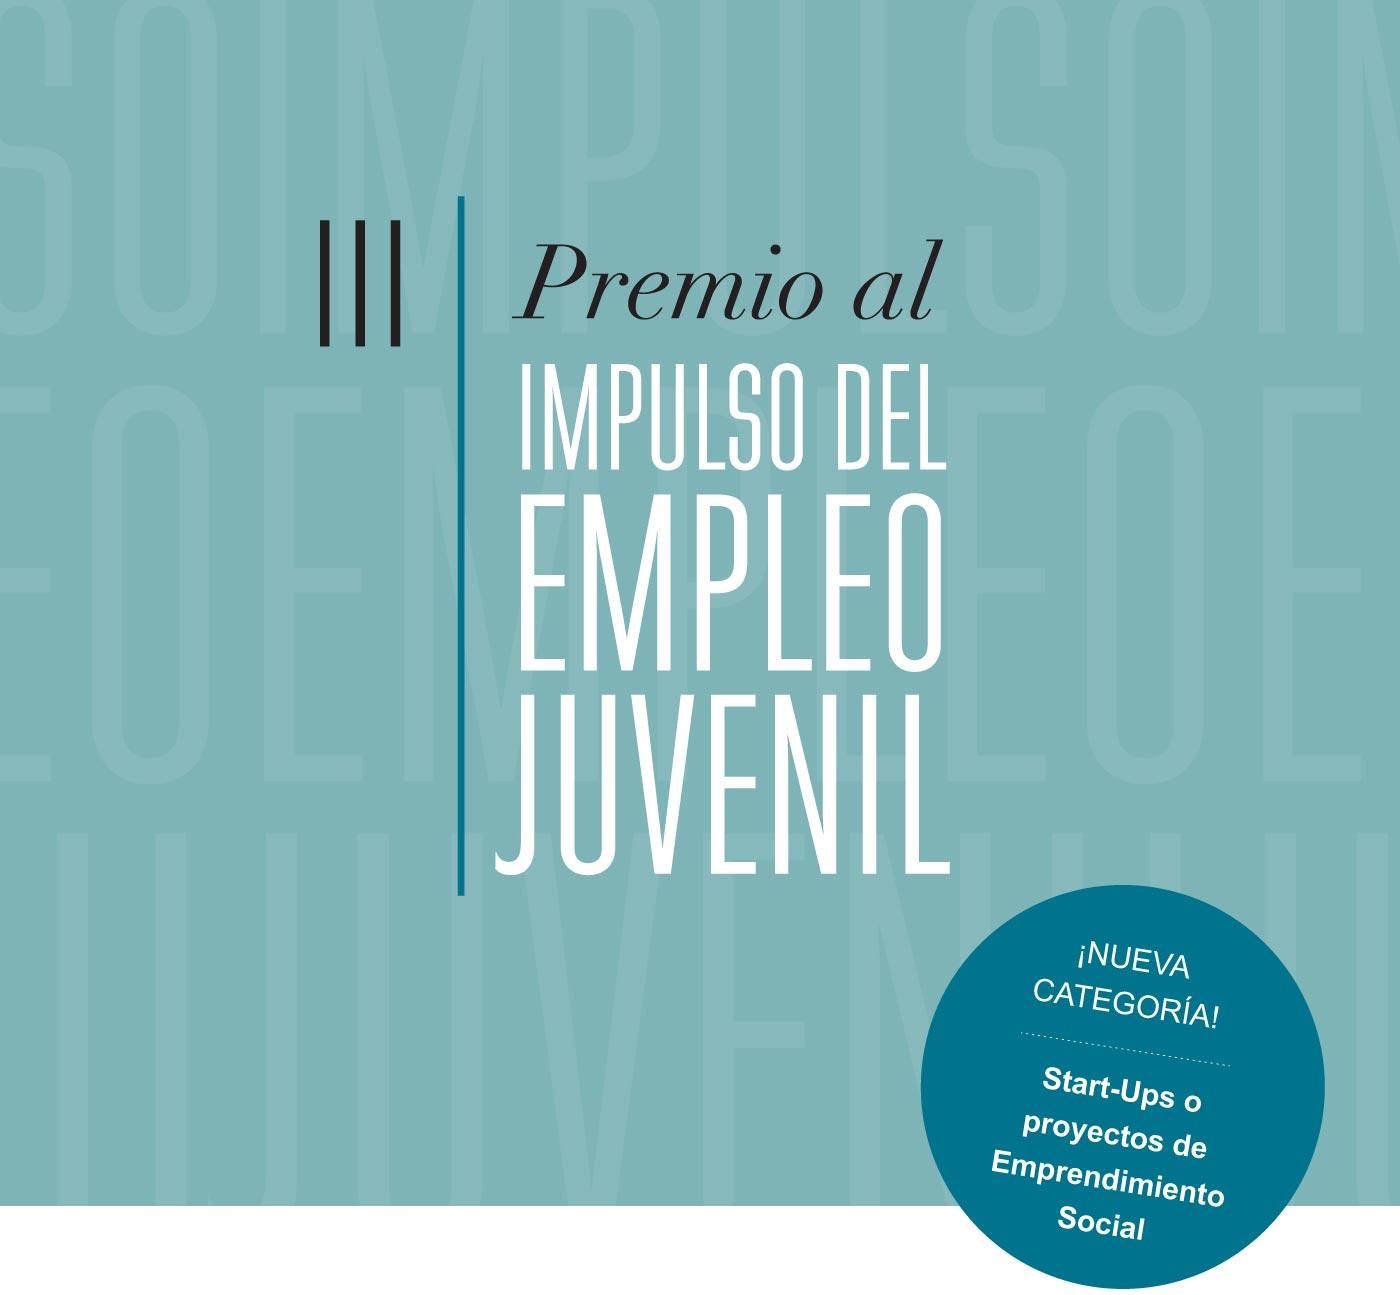 Fundación Mahou San Miguel convoca los II I Premio s al Impulso del Empleo Juvenil